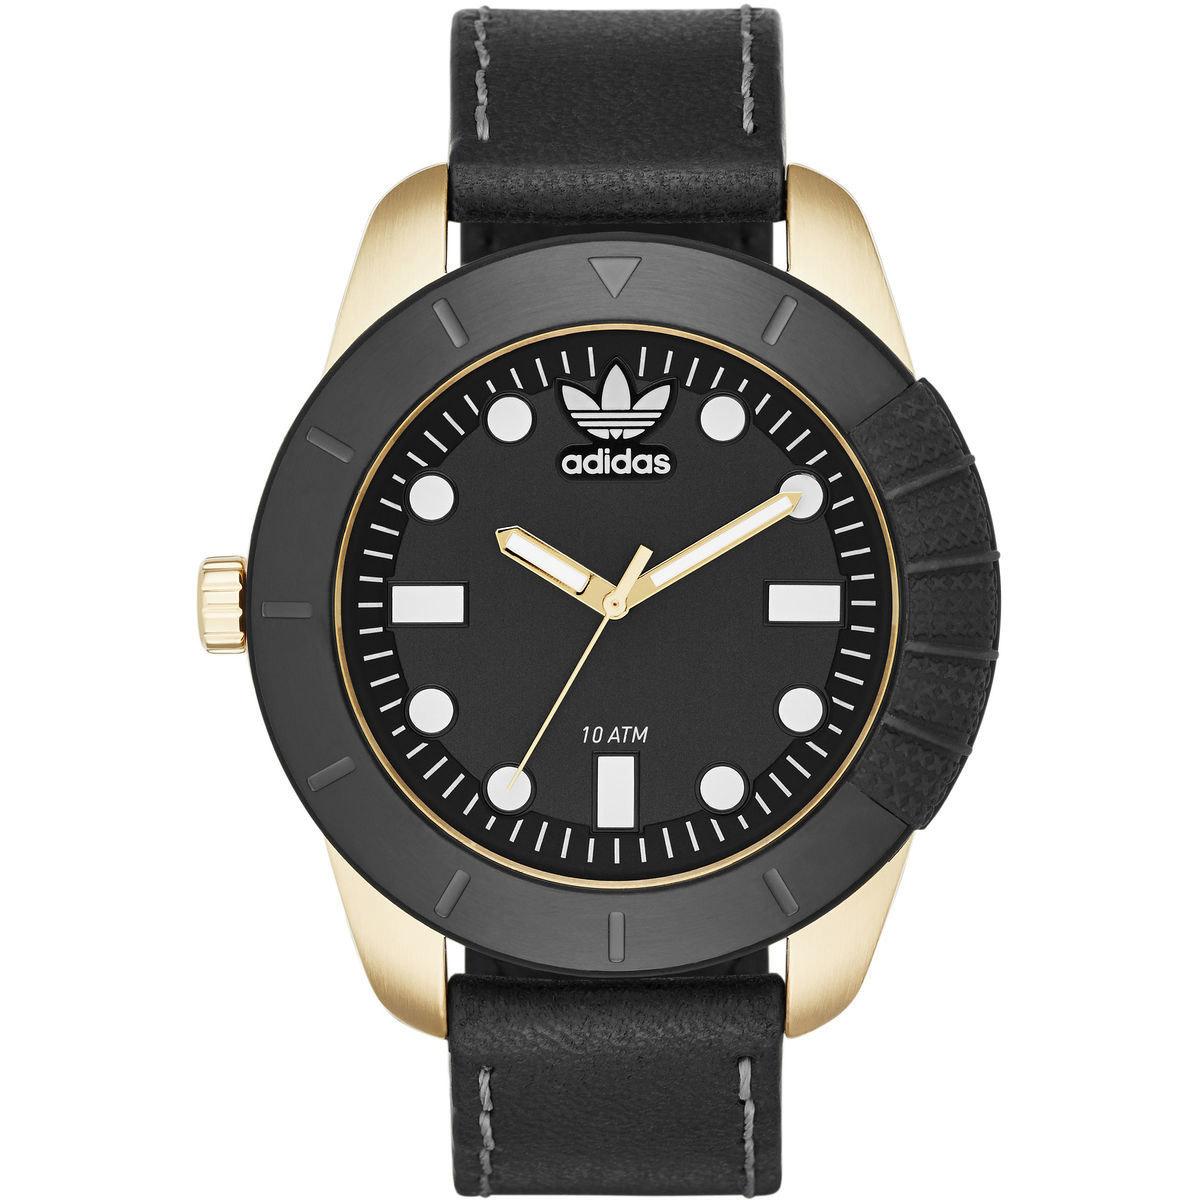 นาฬิกาผู้ชาย Adidas รุ่น ADH3039